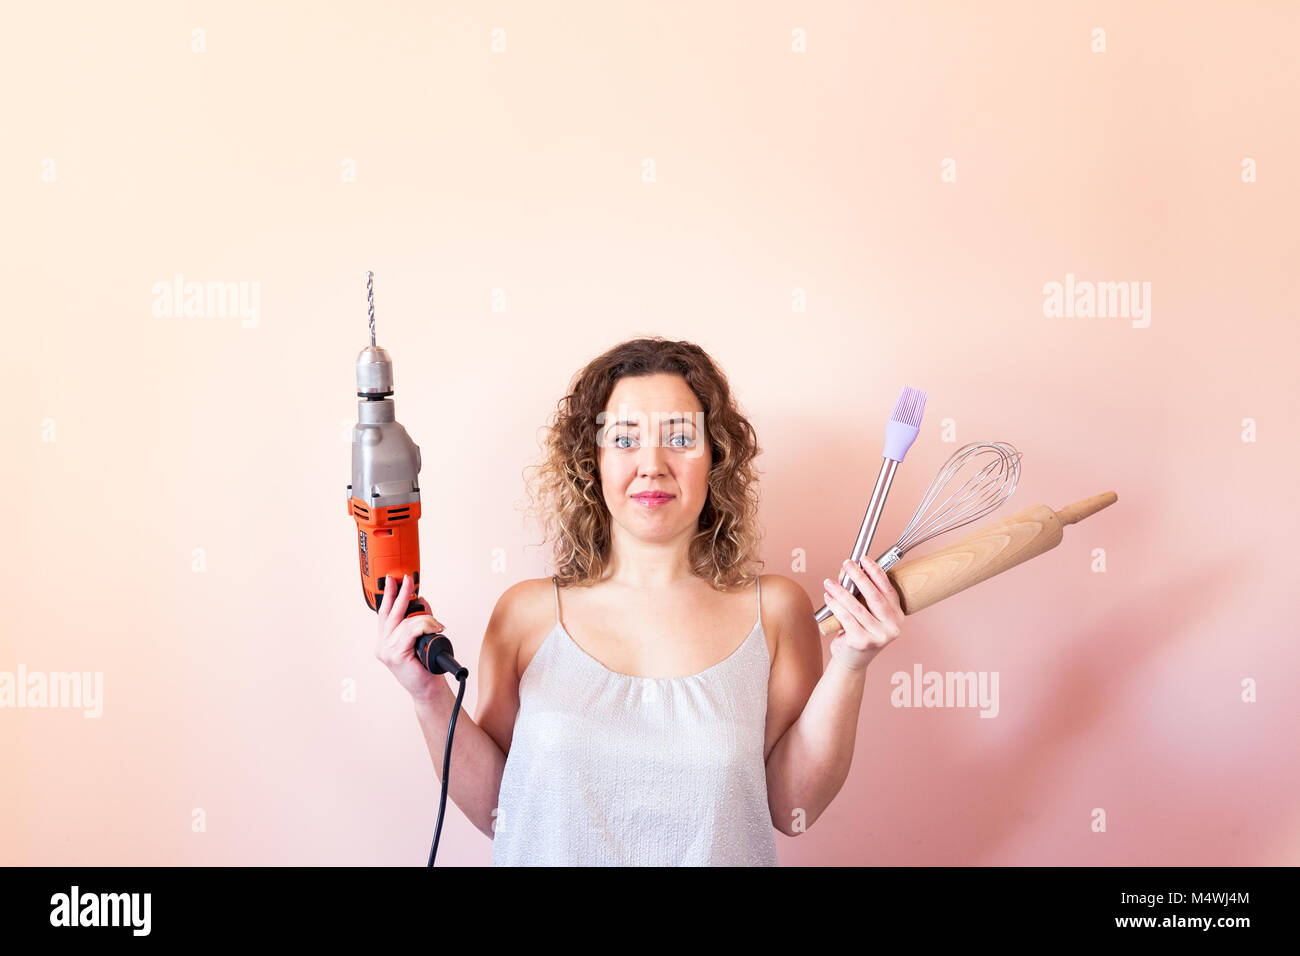 Belle accolade woman holding man foreur et de cuisine. L'égalité de genre, les jour concept. Photo Stock